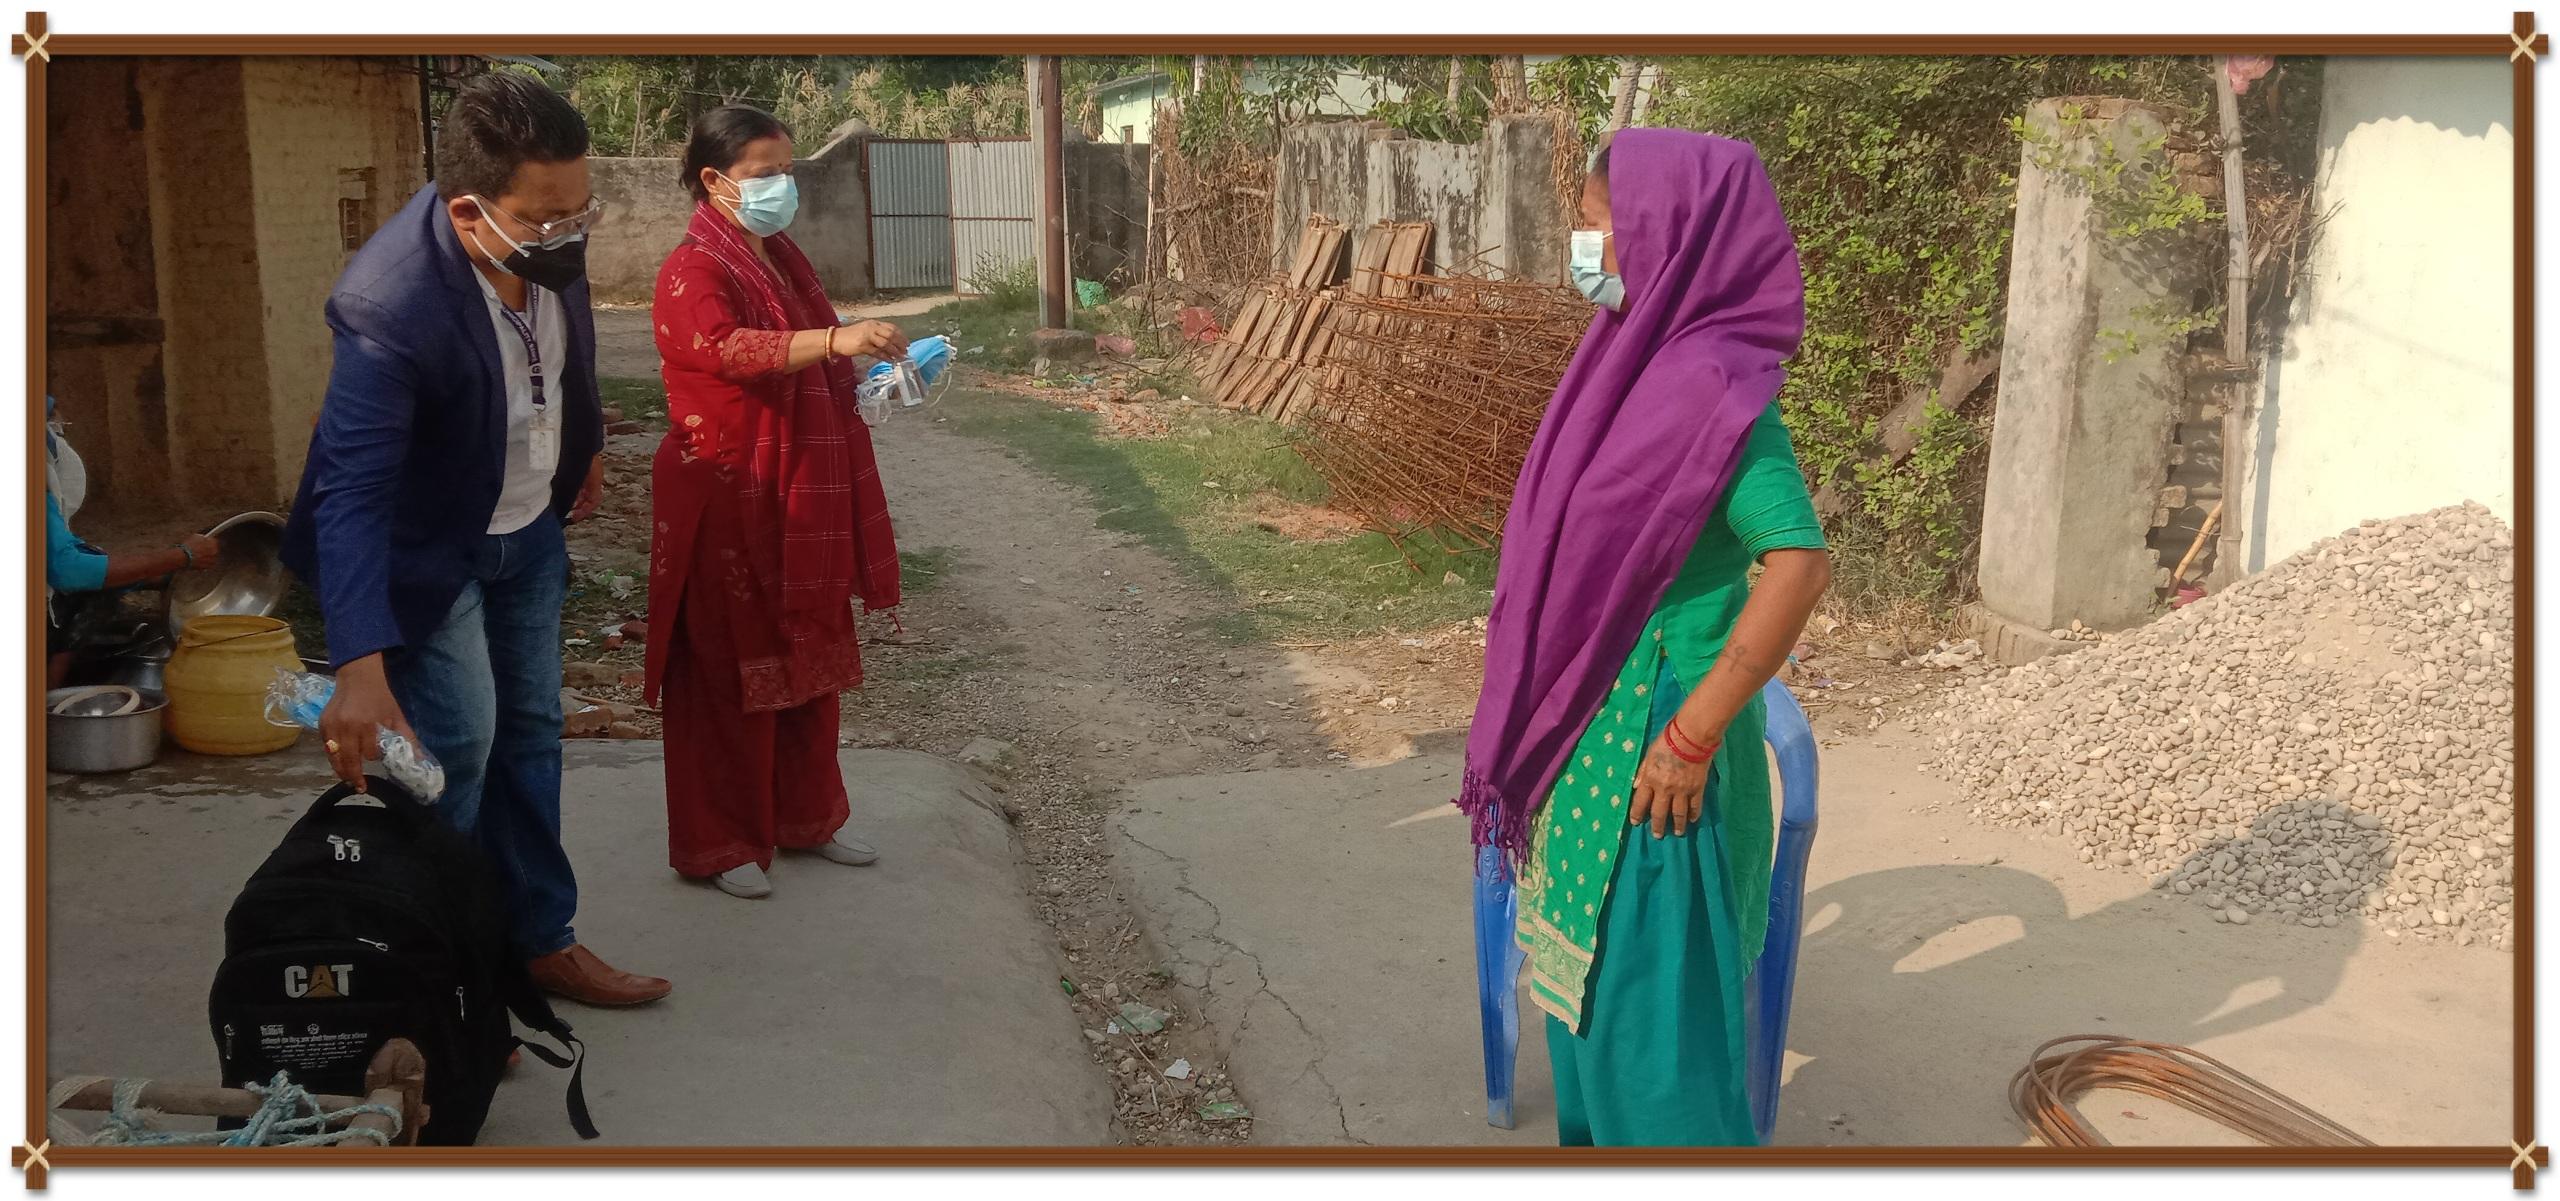 स्वास्थ्यकर्मी र स्वास्थ्य सामाग्री सहित कार्यपालिका सदस्य अधिकारी संक्रमितकाे घरमा